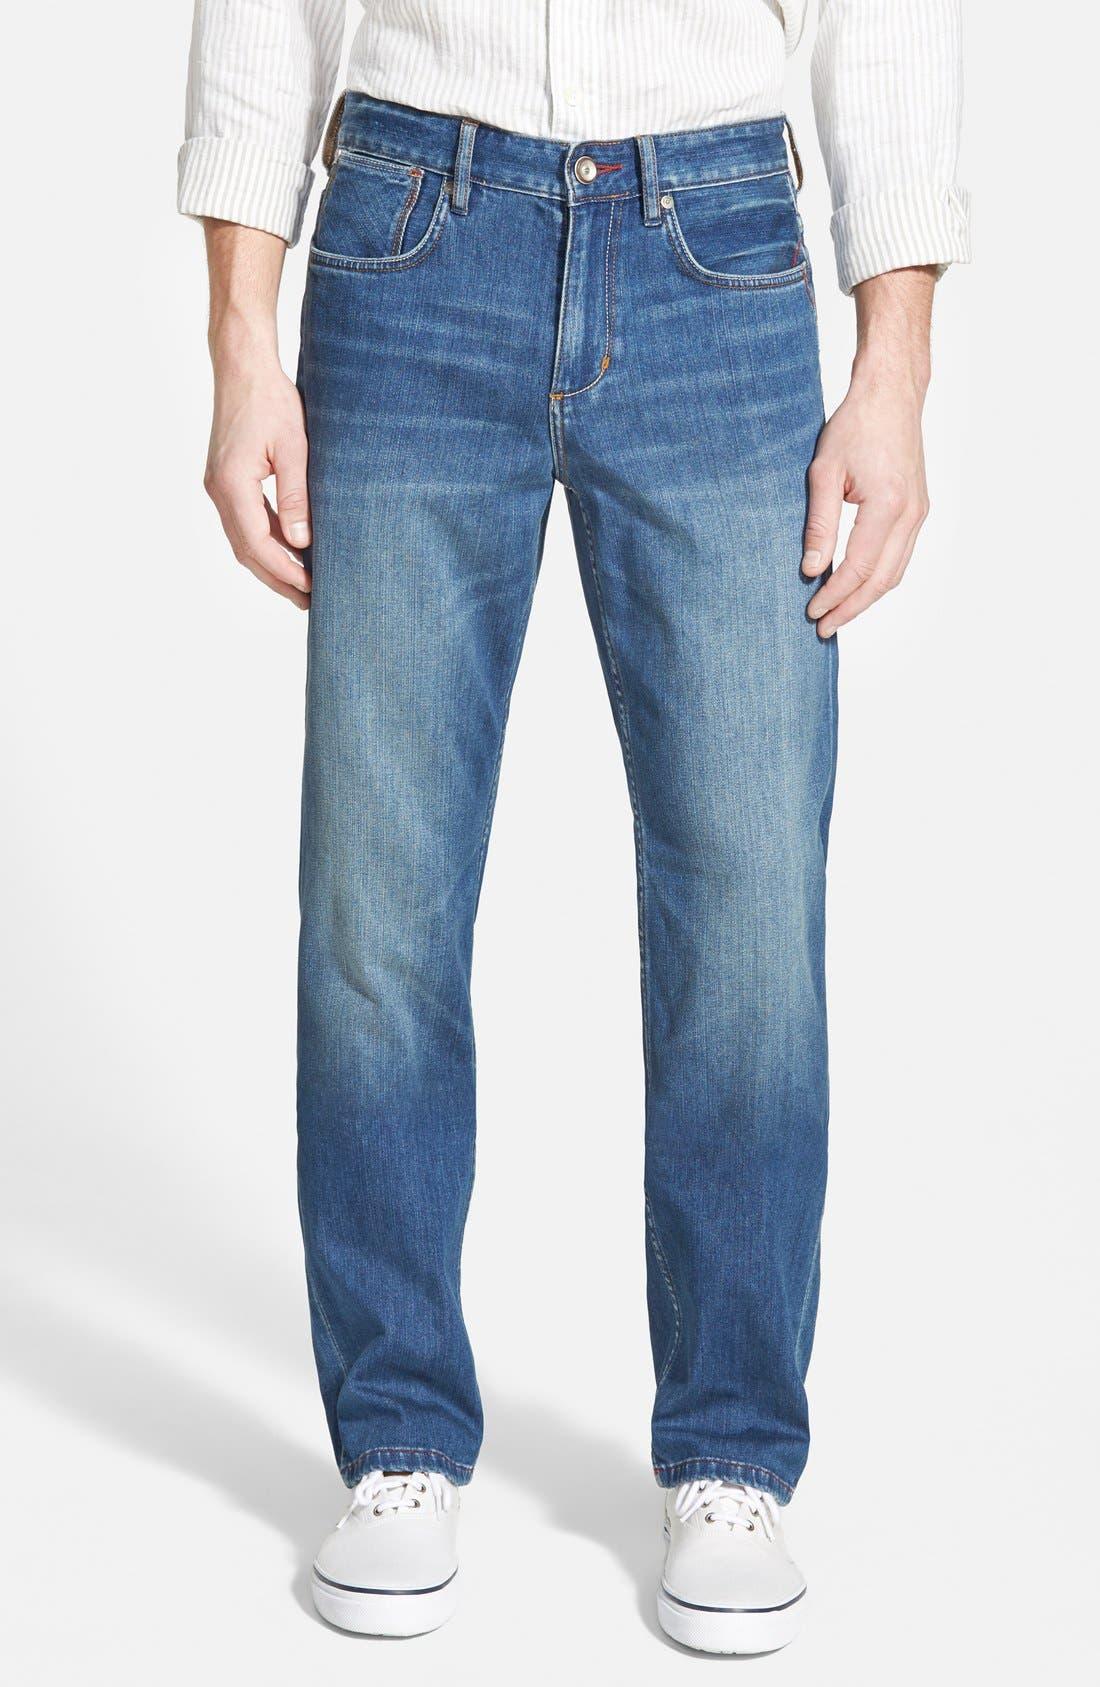 Alternate Image 1 Selected - Tommy Bahama Denim 'Cooper' Straight Leg Jeans (Blue Overdye)